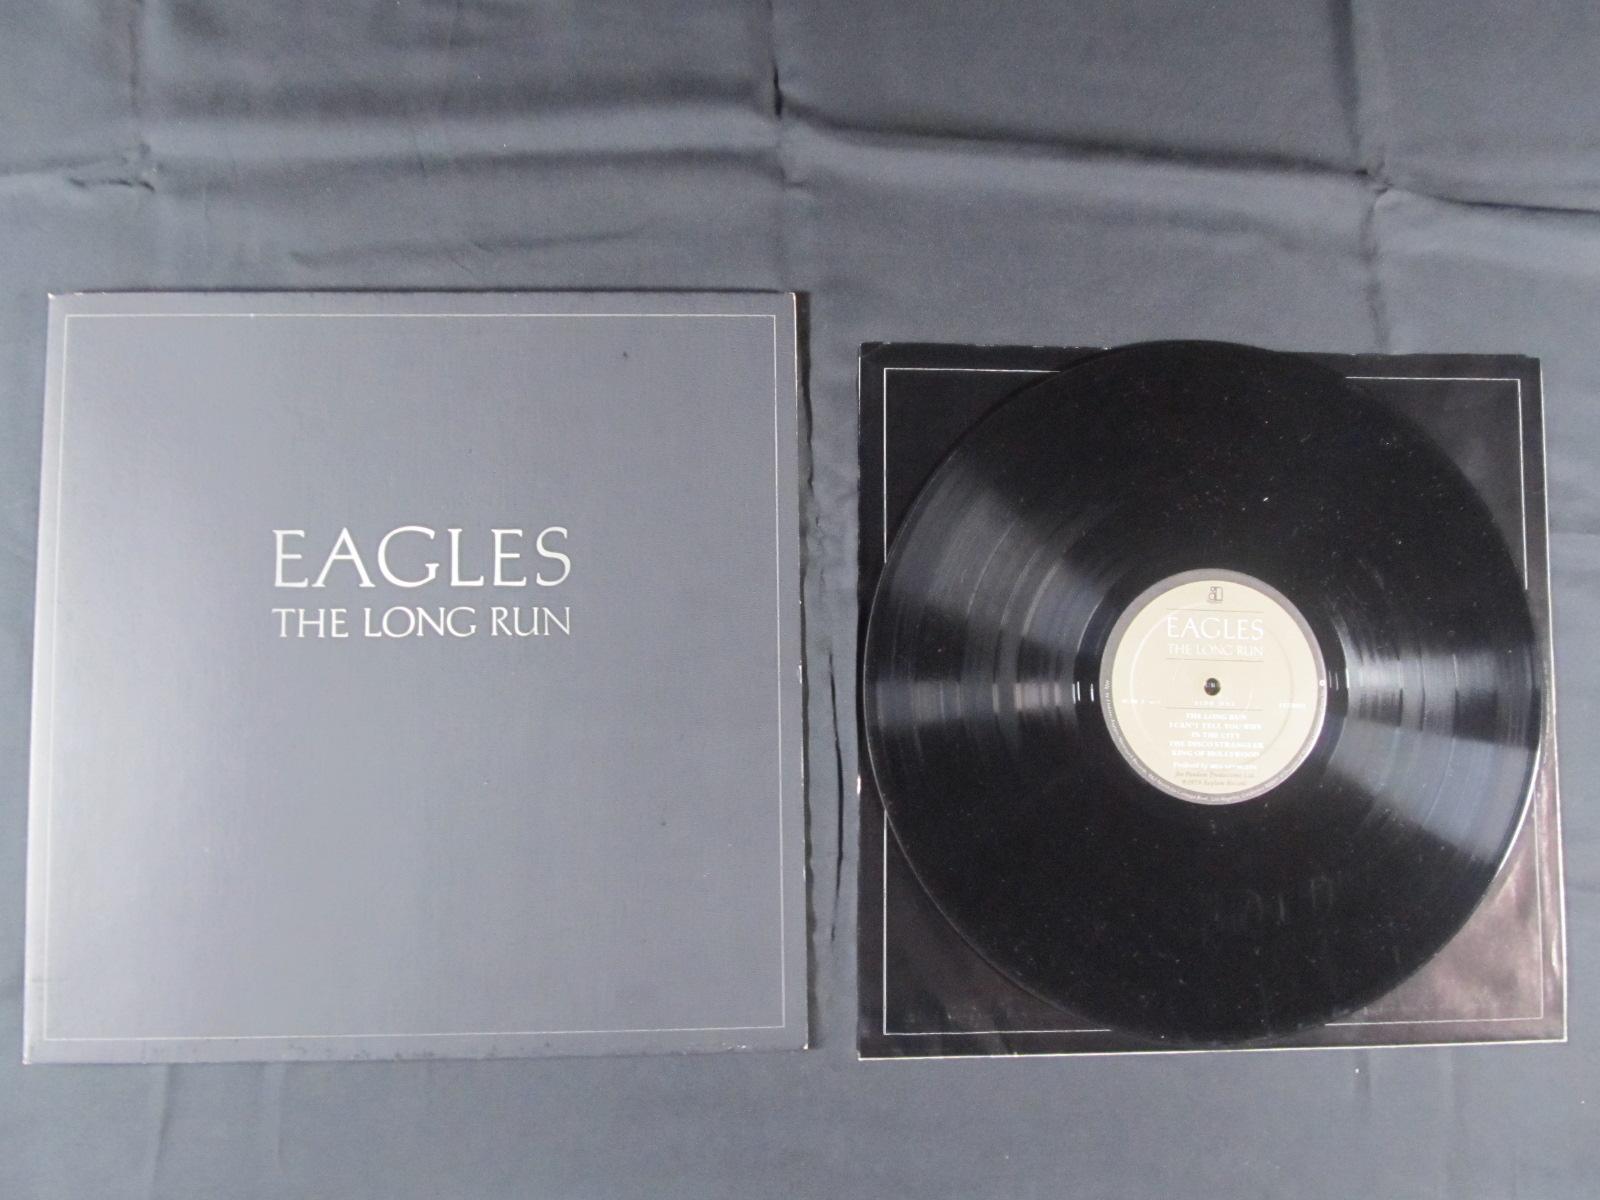 中古LP EAGLES『THE LONG RUN』イーグルス/ 『ザ・ロング・ラン』画像